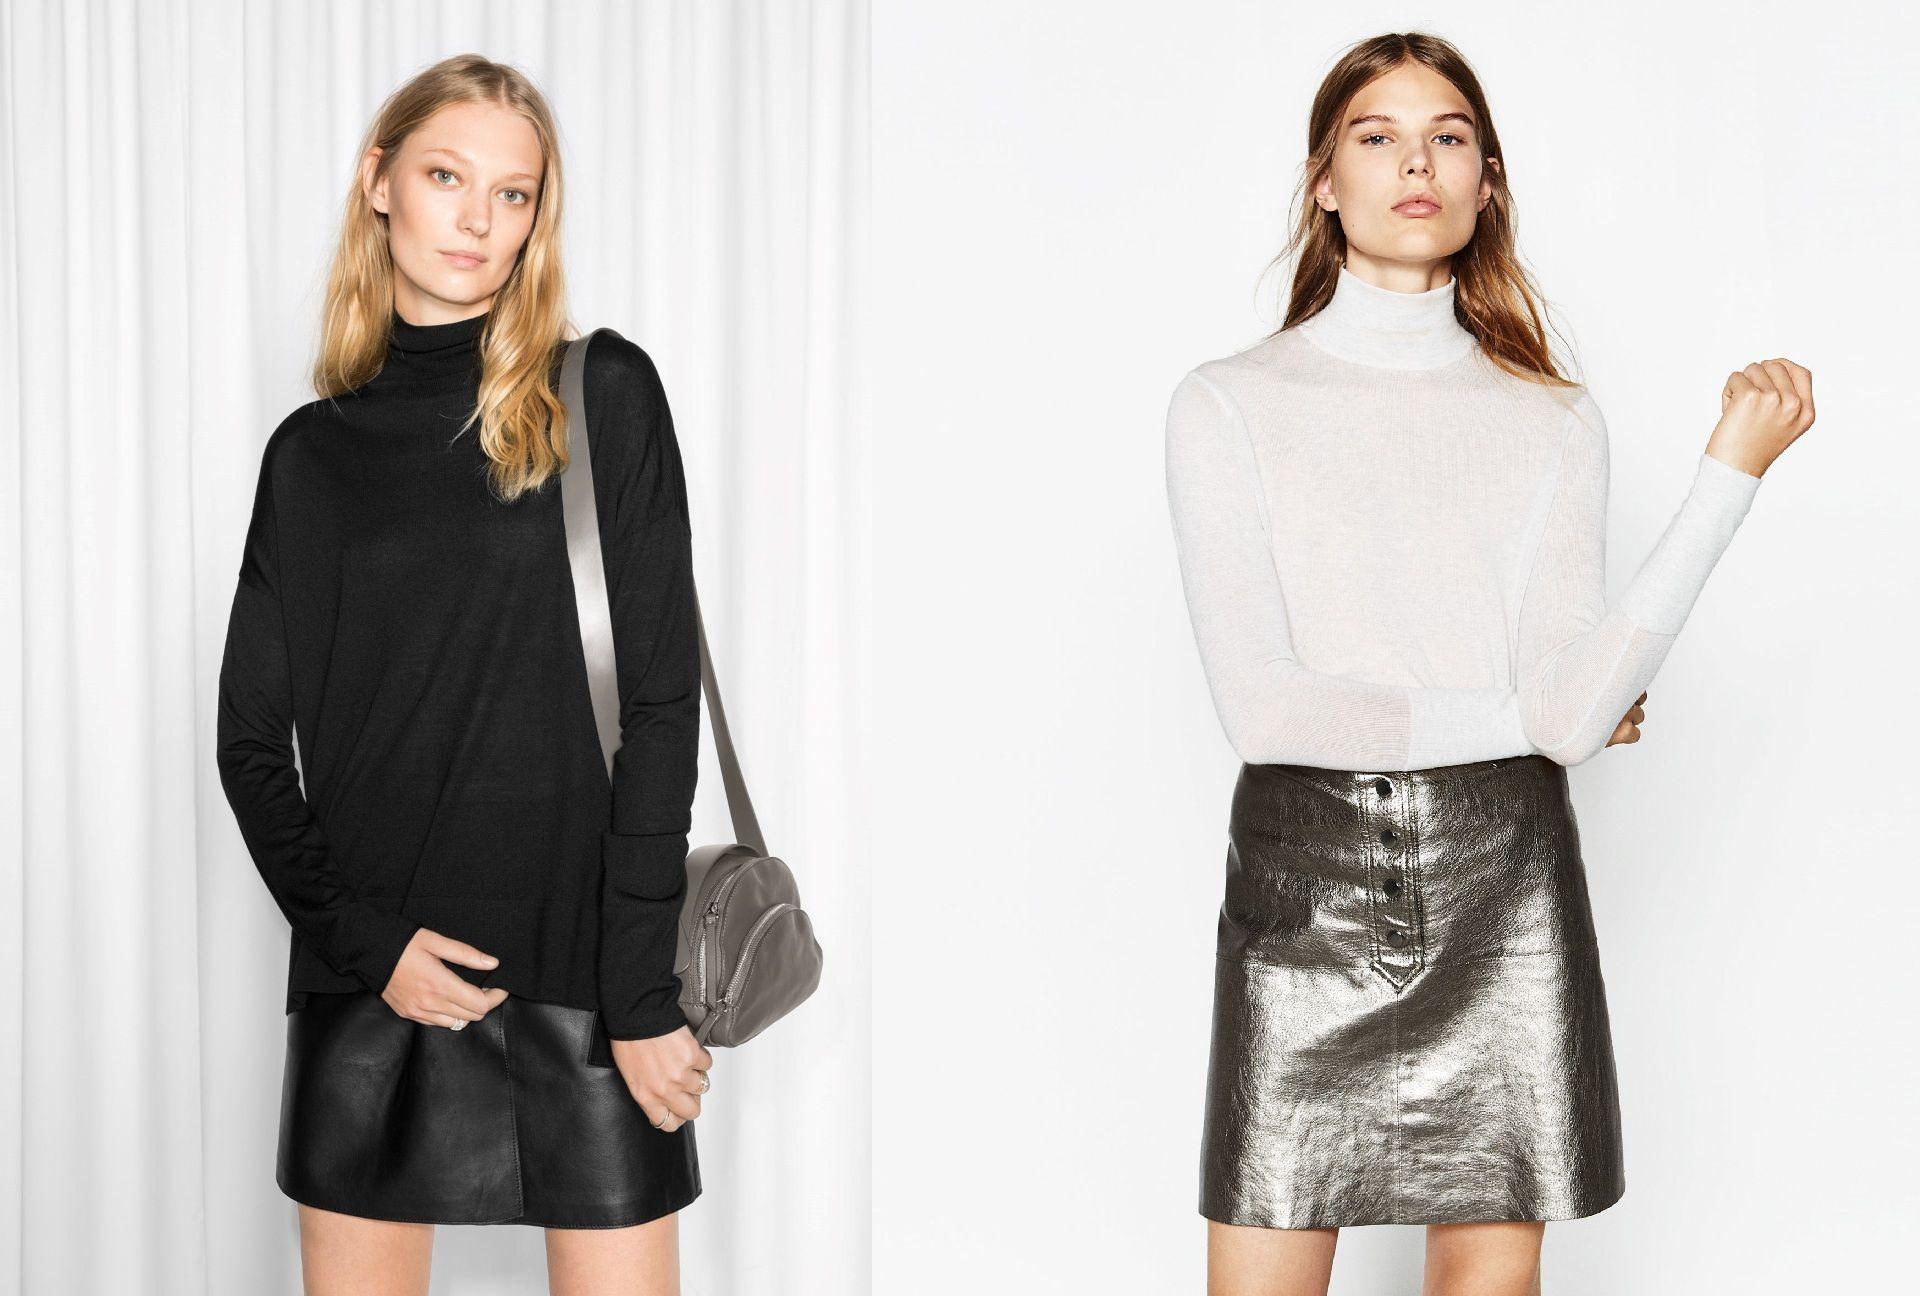 Turtleneck Sweater &OtherStories 55€ - Gonna Zara